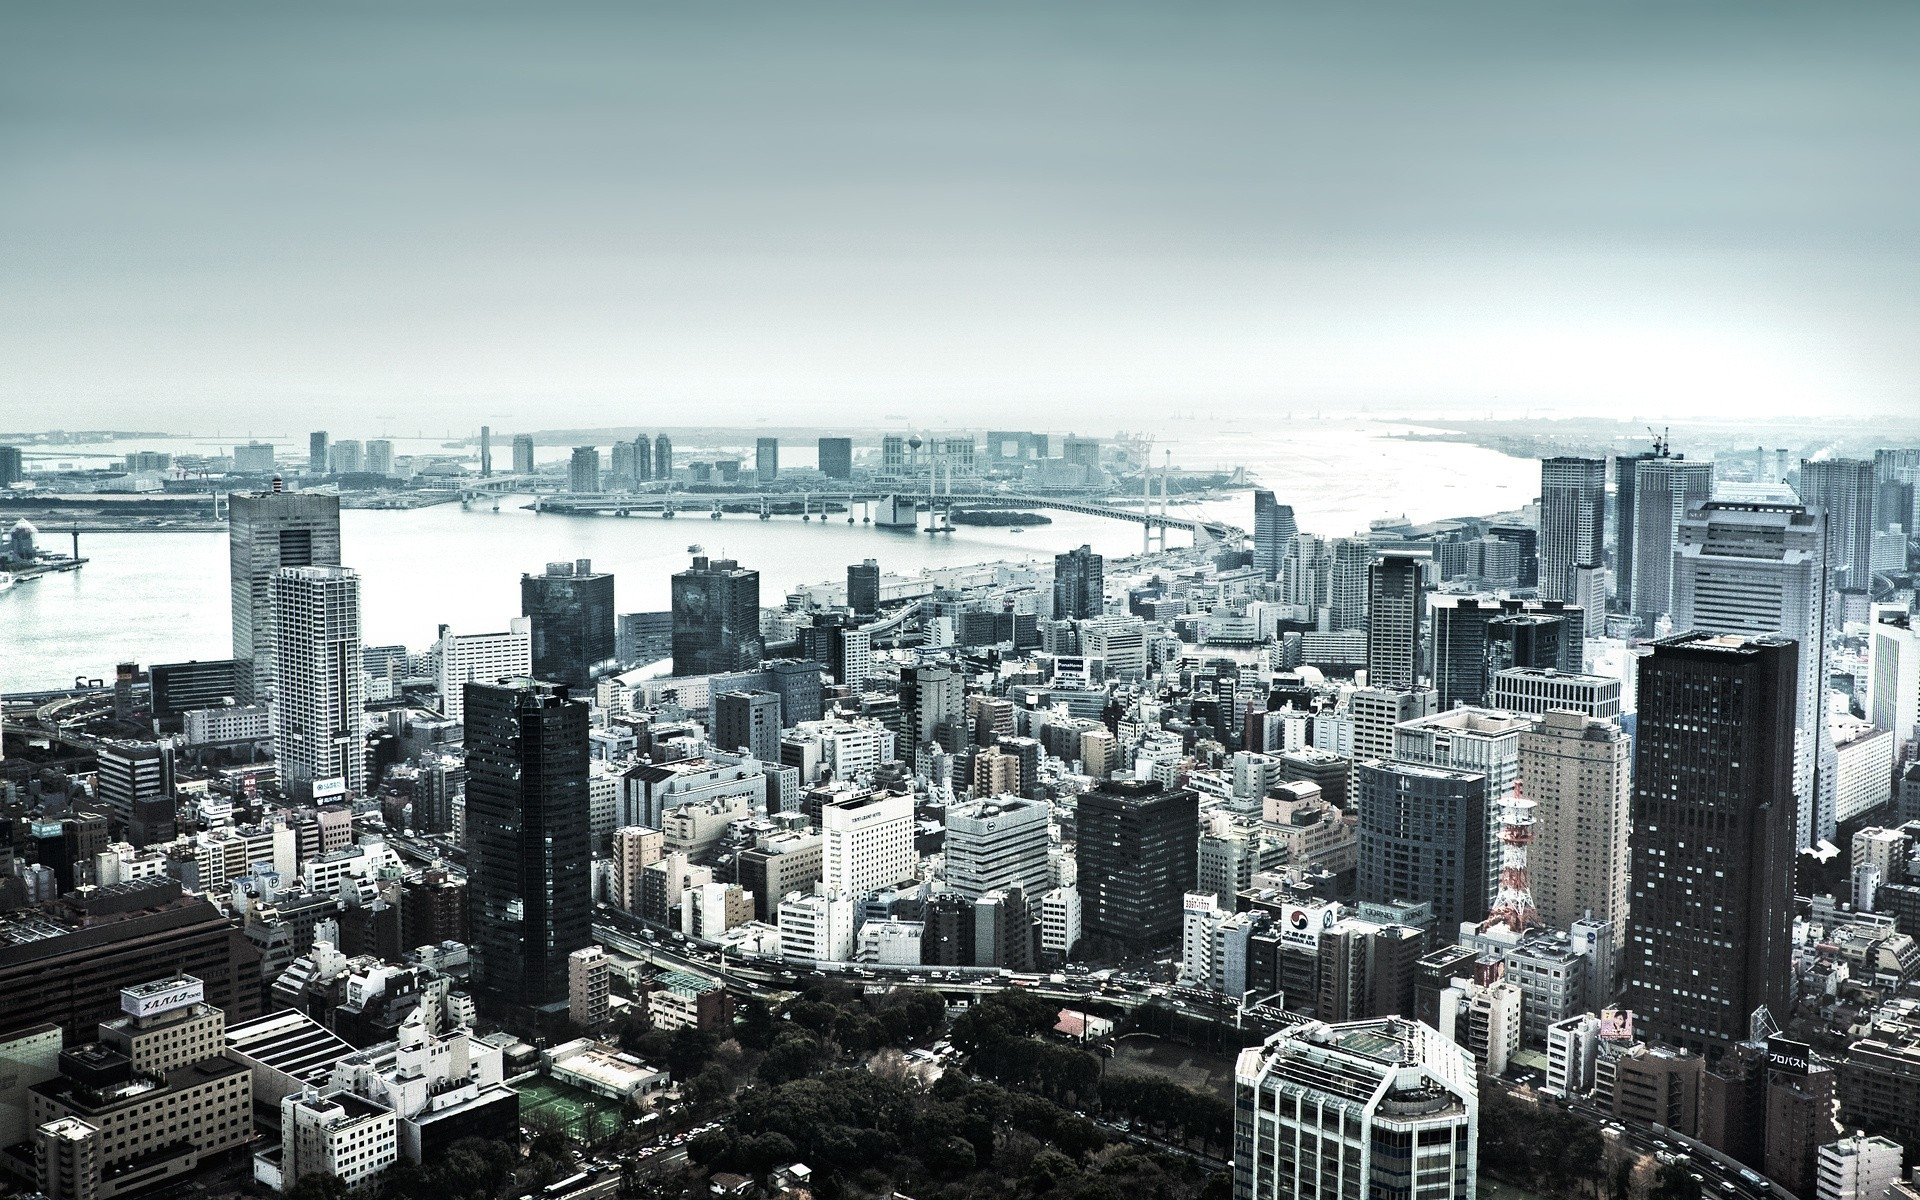 Картинки Небоскребы, дома, река, вид сверху, панорама, город, черно-белый фото и обои на рабочий стол